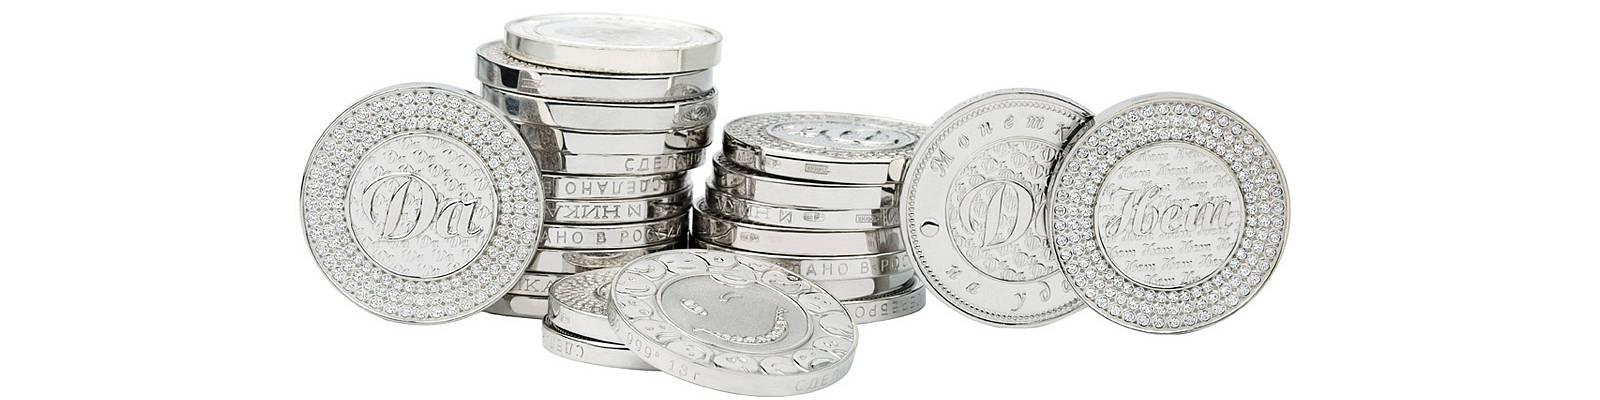 Нумизматы, а также остальные ценители необычных вещей непременно порадуются  этому подарку. Серебряная монета – это сувенир, ... 17257db065a